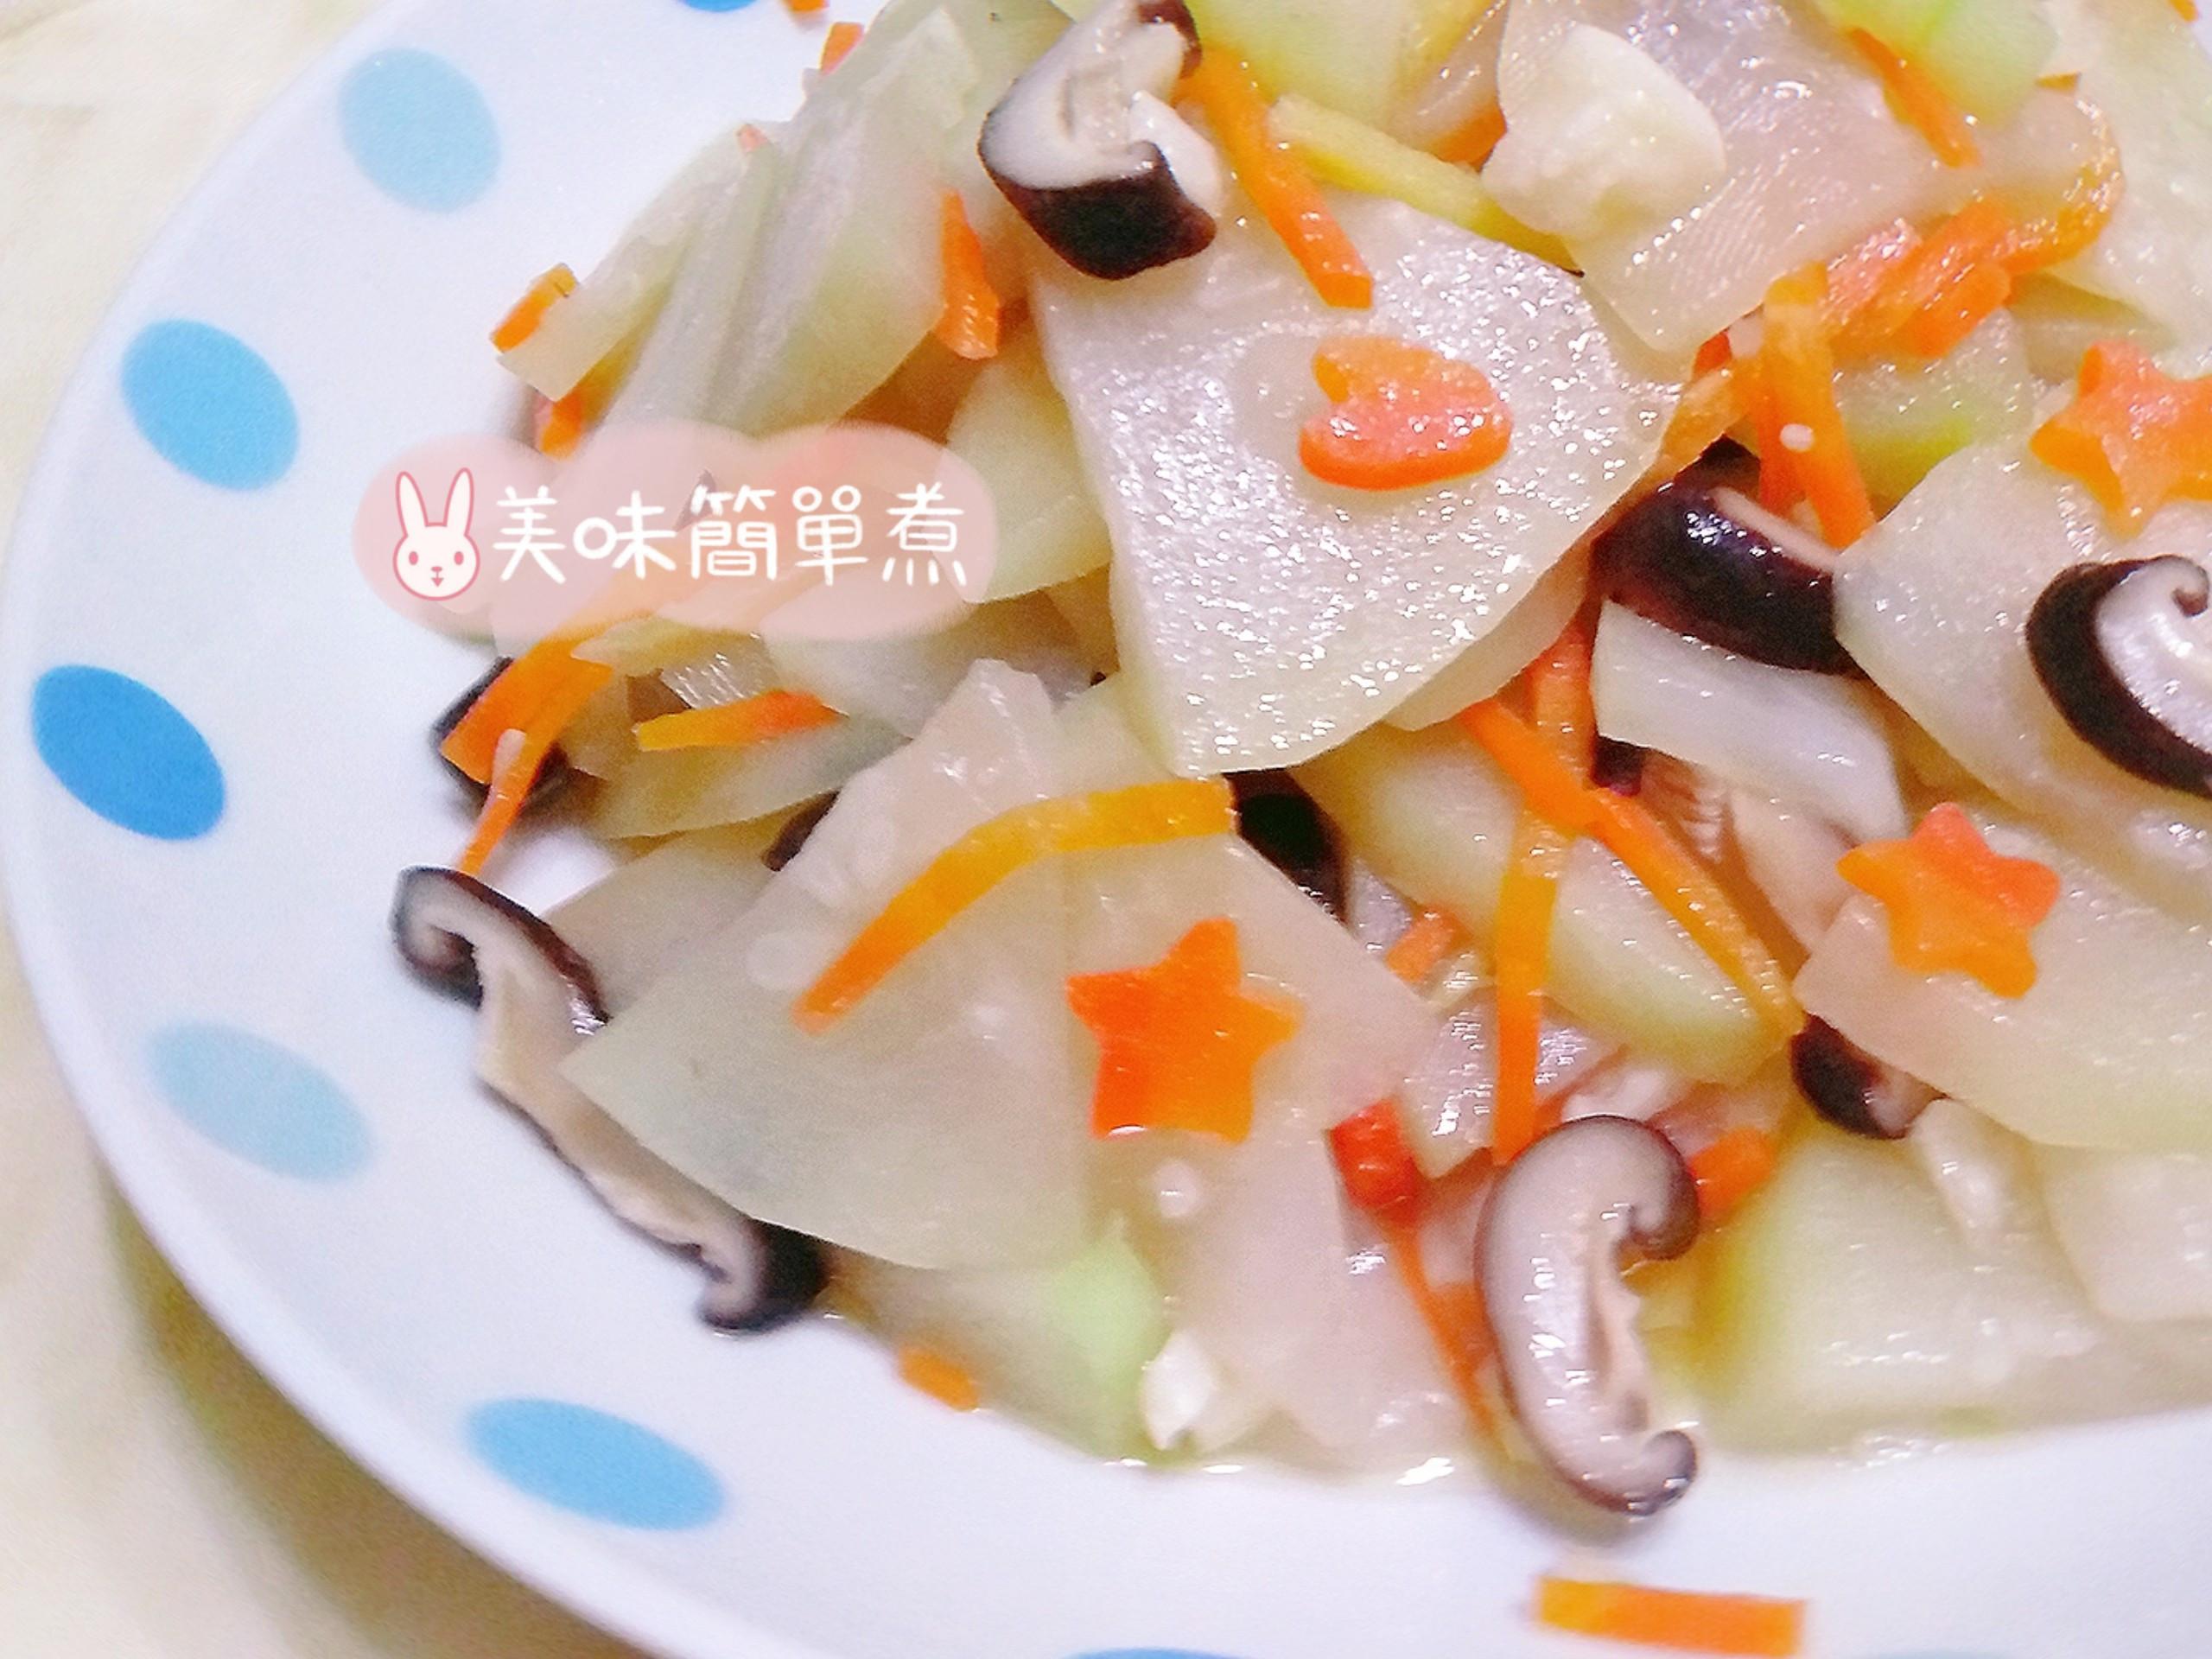 瓠瓜炒香菇